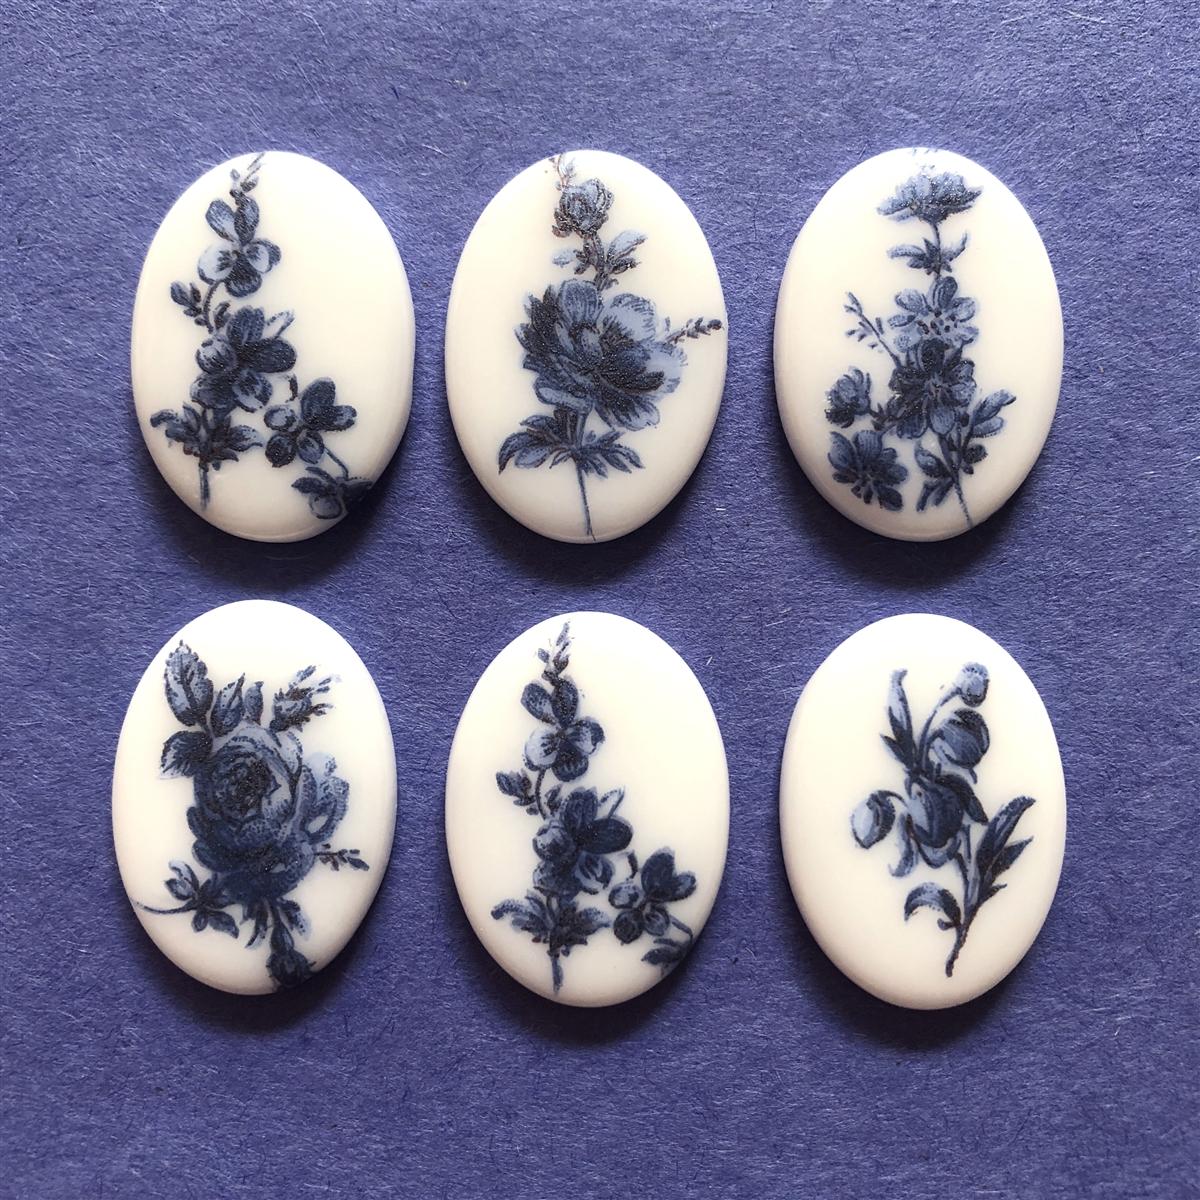 Porcelain Cameos Blue And White 07253 Floral Cameos Cameo Blue